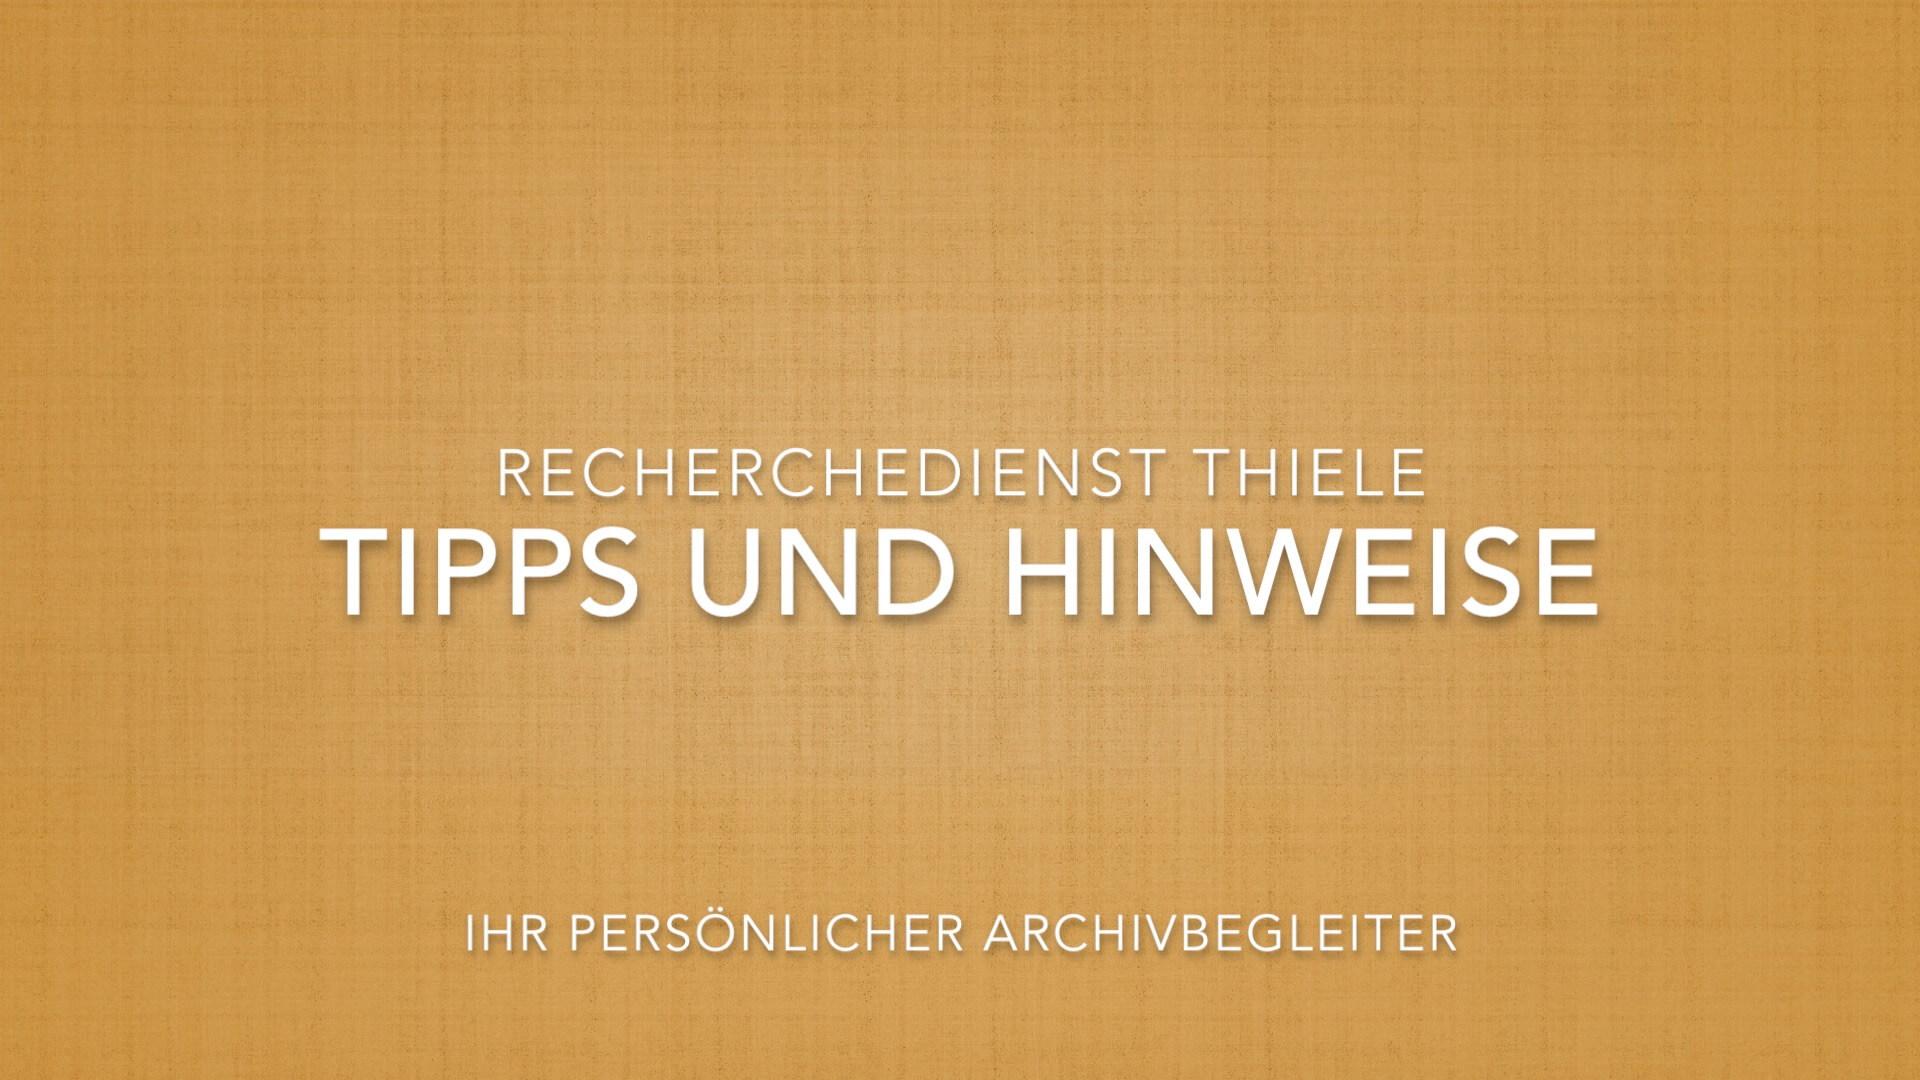 Tipps und Hinweise von Ihrem persönlichem Archivbegleiter